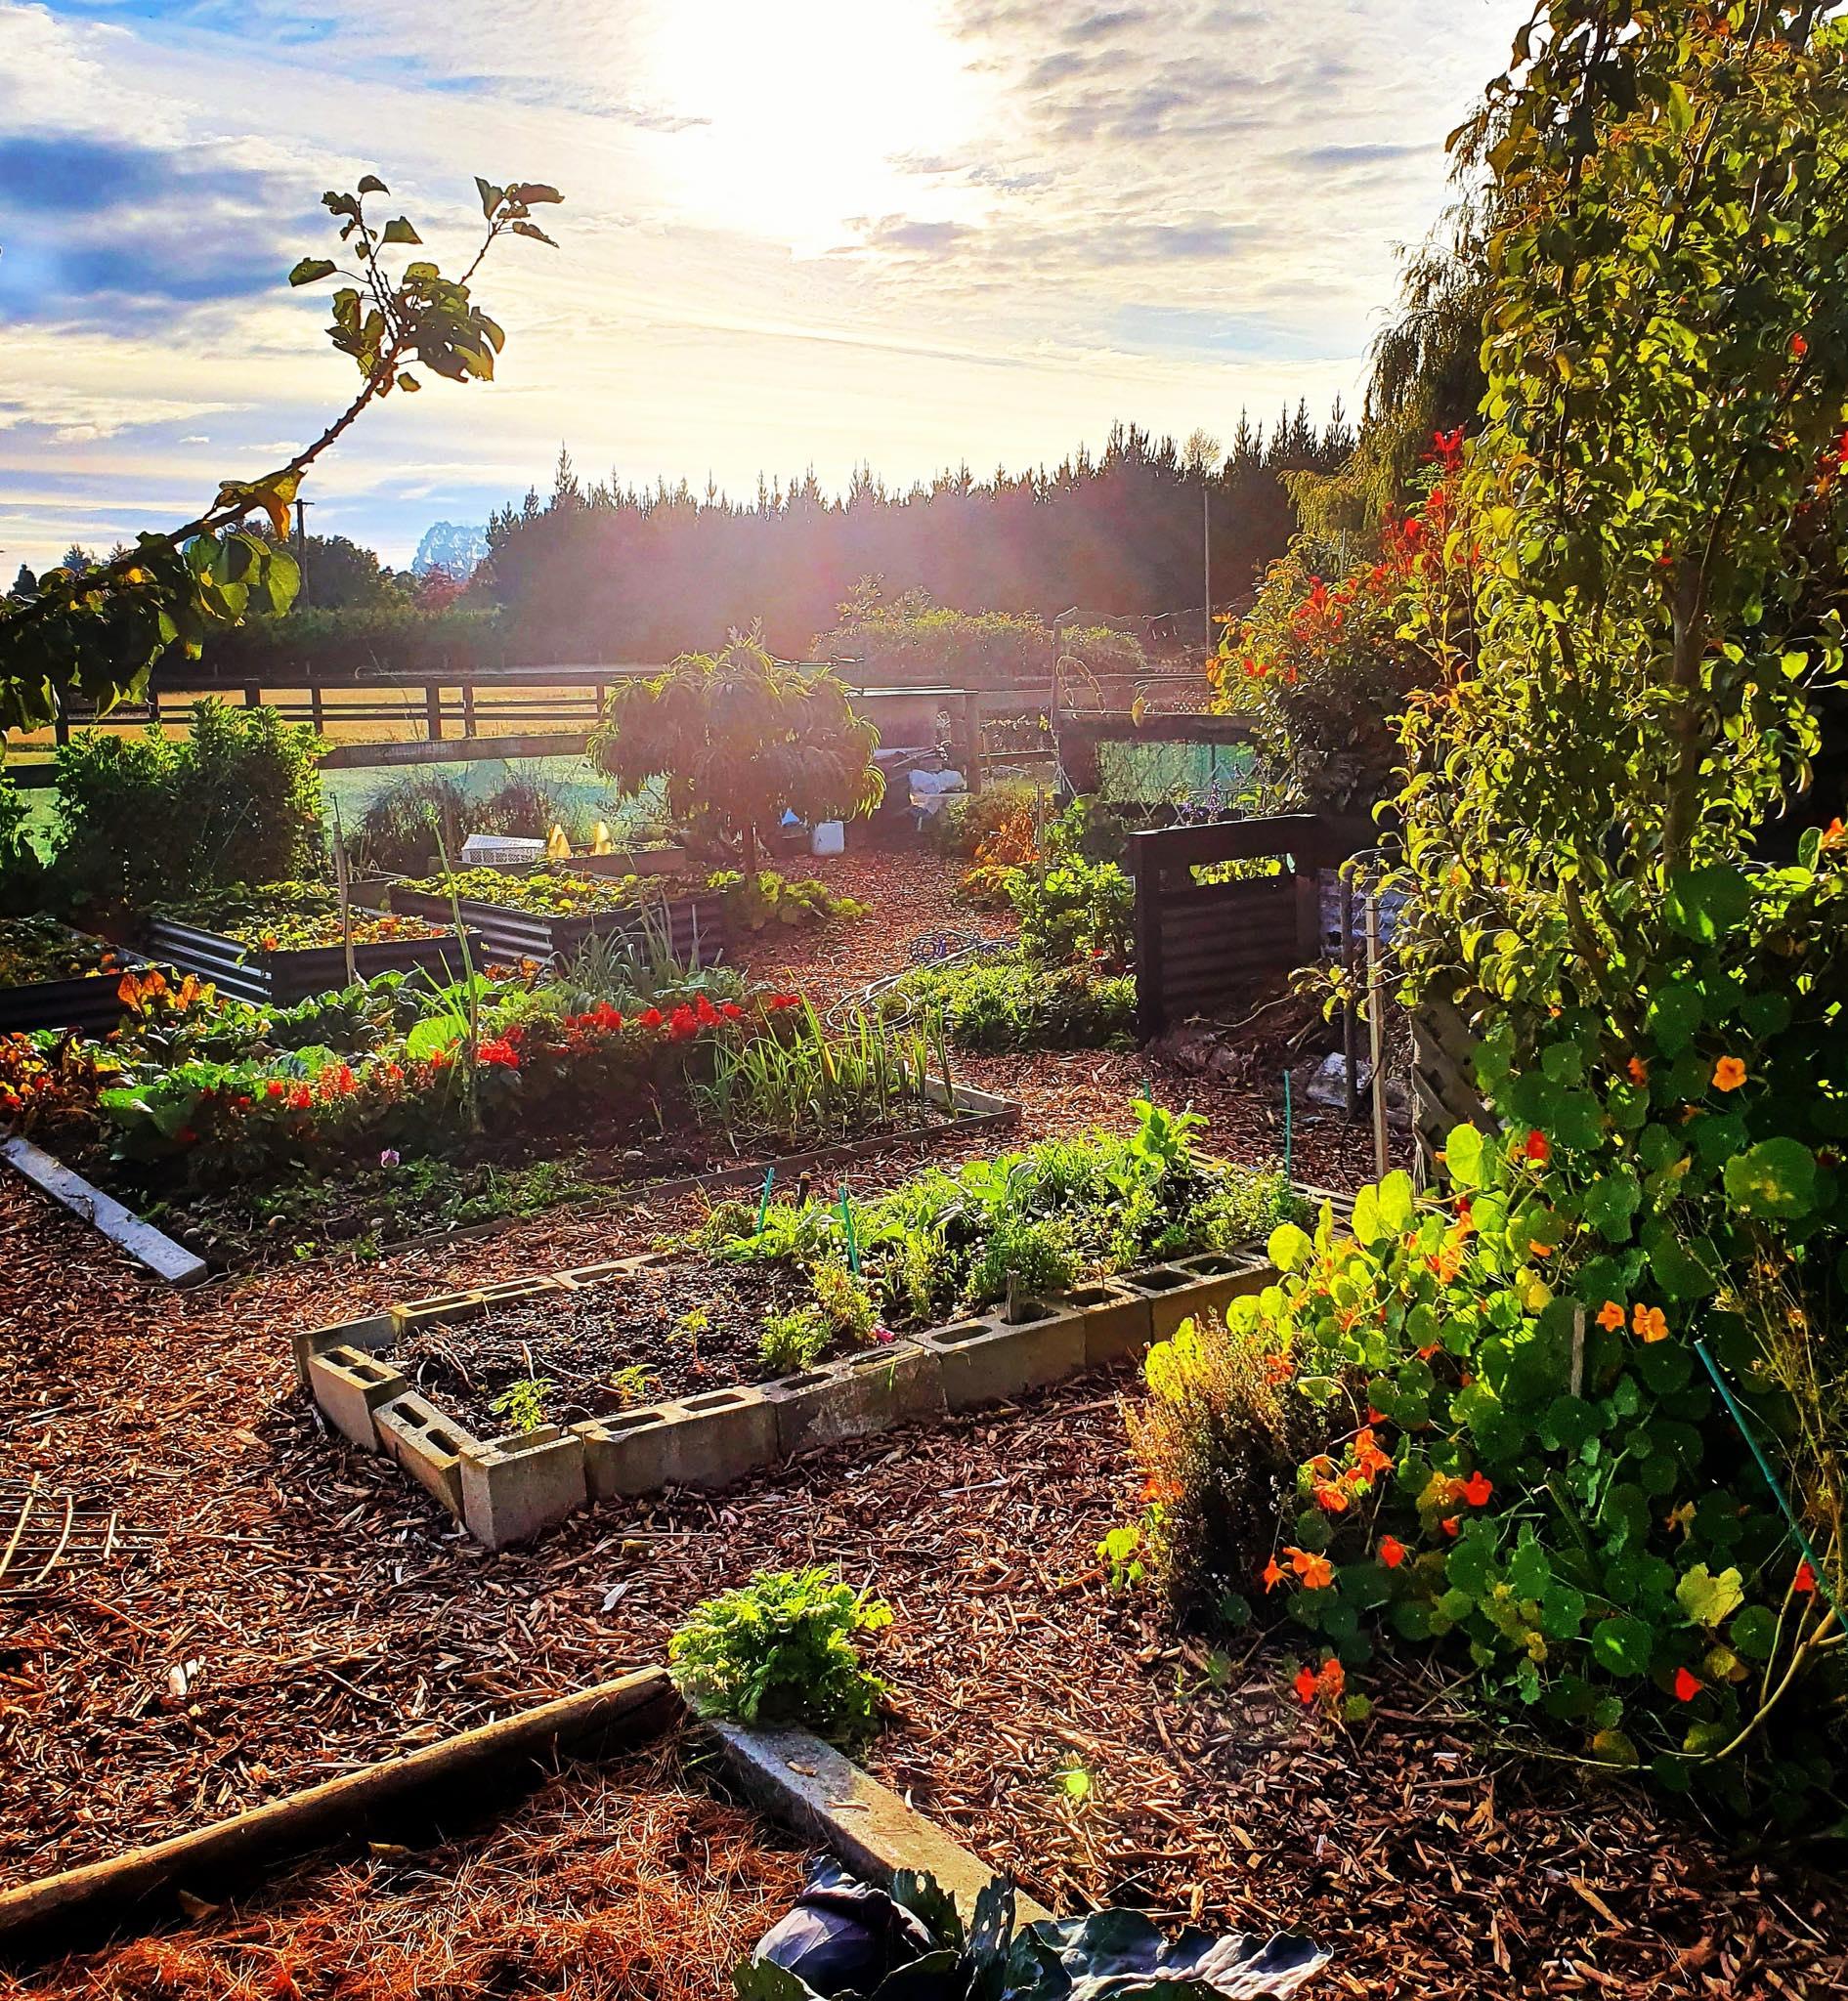 Khu vườn 225m² trồng toàn rau hữu cơ xanh tốt nhờ bí quyết dễ làm của bà mẹ trẻ đảm đang - Ảnh 1.